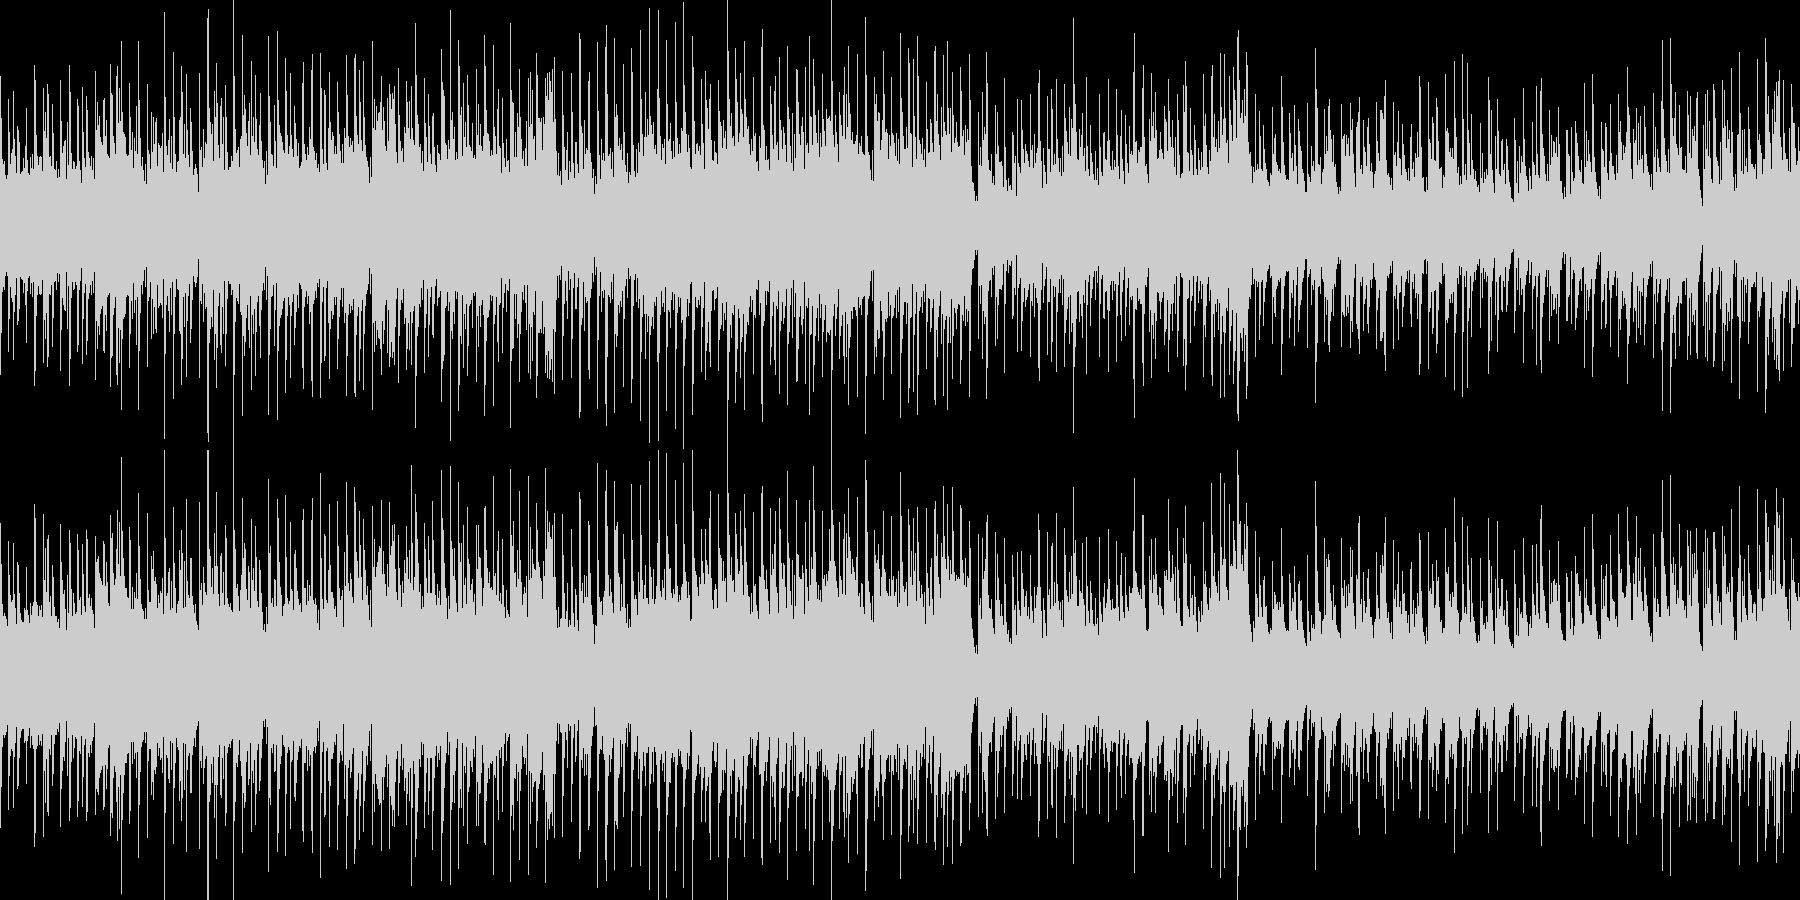 結婚式の映像用バラード2 (ループ仕様)の未再生の波形